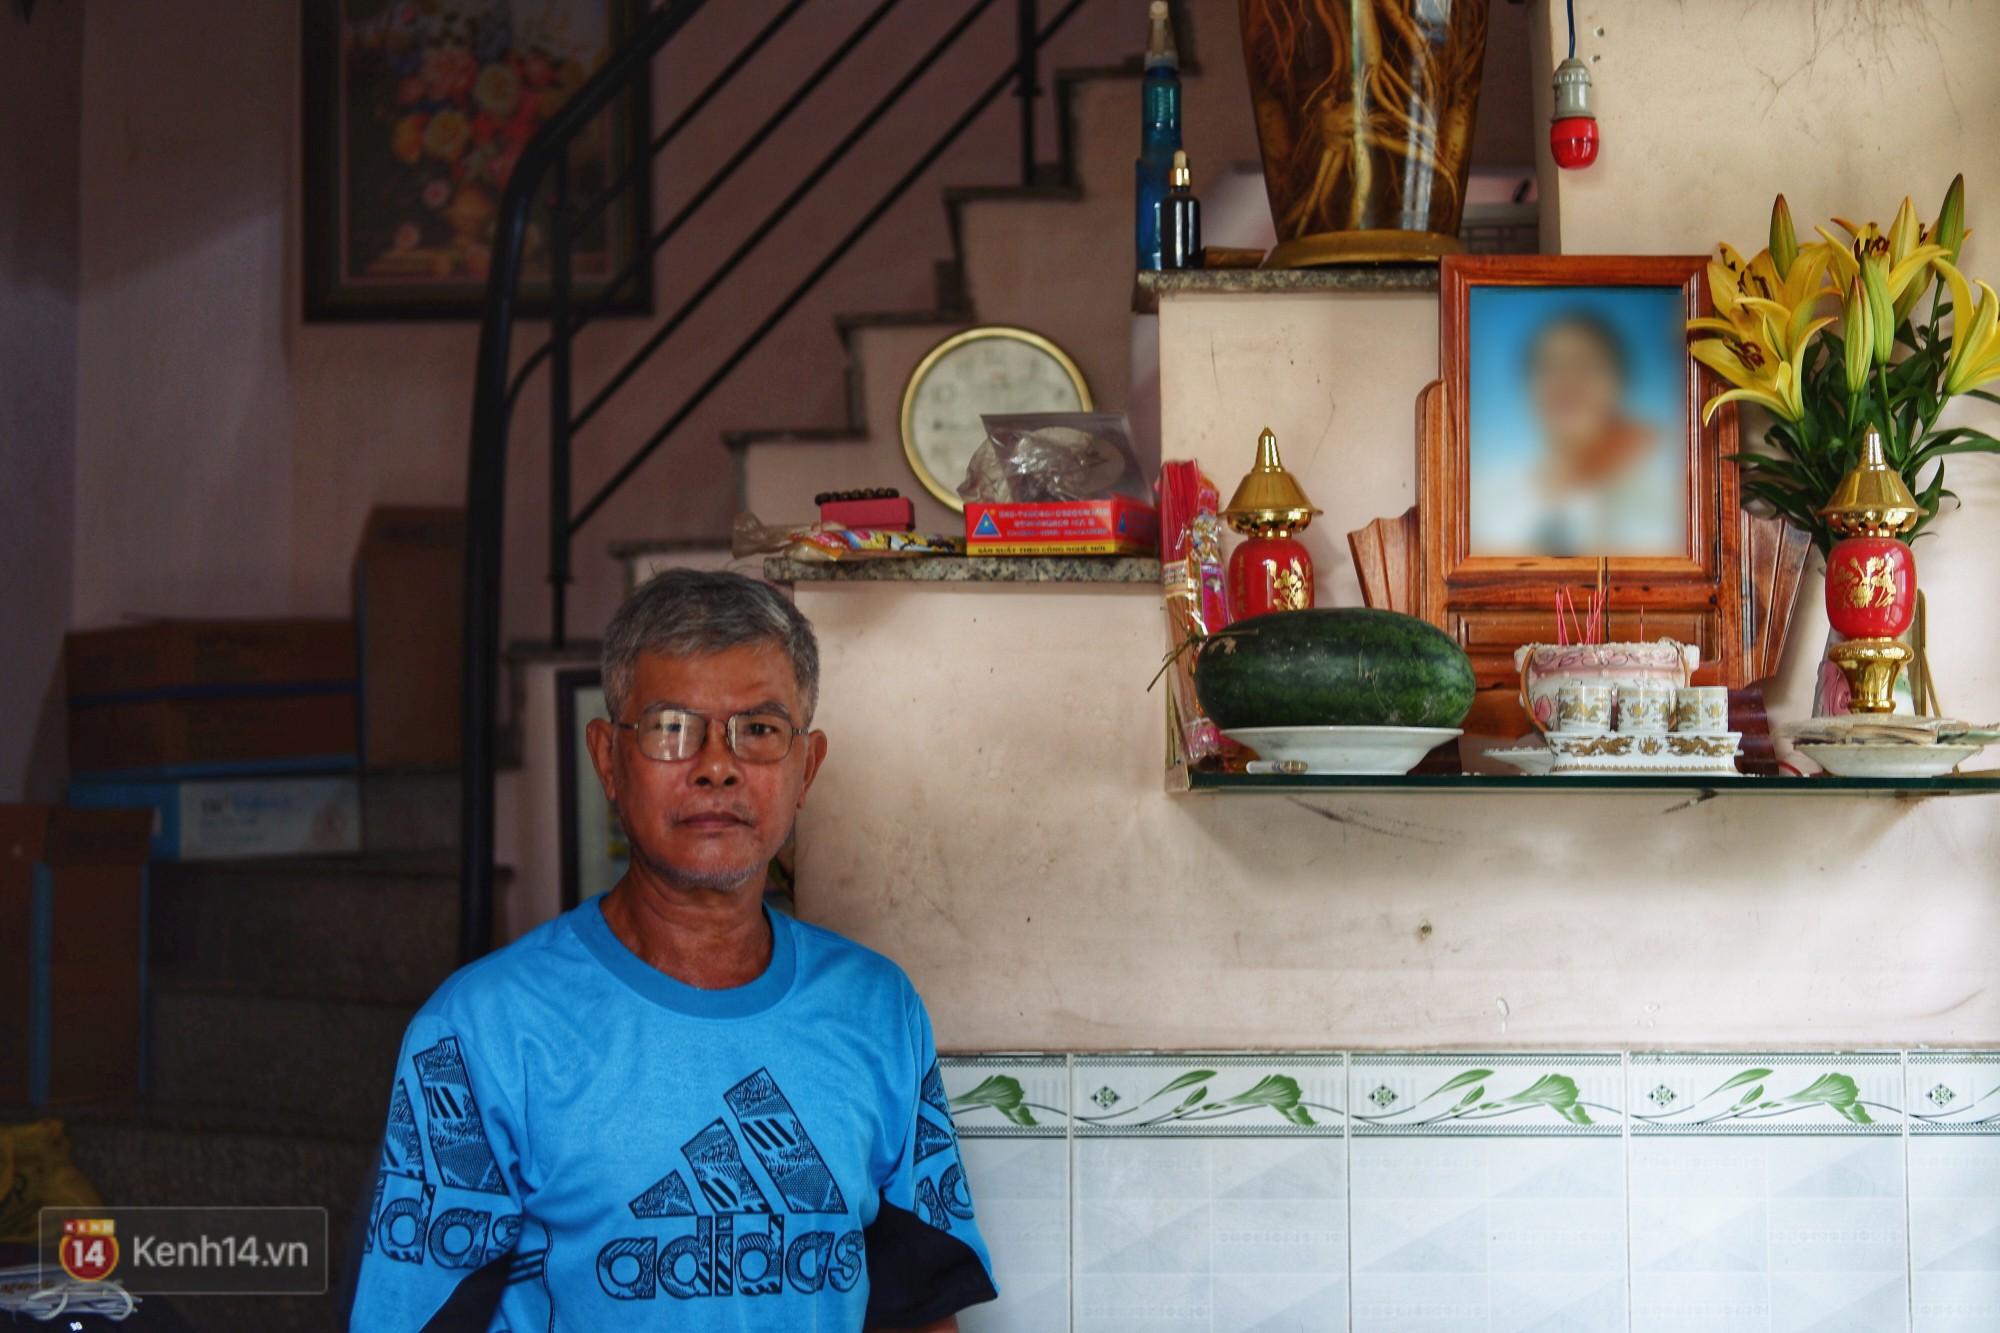 Nửa năm sau vụ nữ doanh nhân uống rượu bia lái BMW gây tai nạn liên hoàn ở Sài Gòn: Tang thương vẫn đang đeo bám một gia đình-7